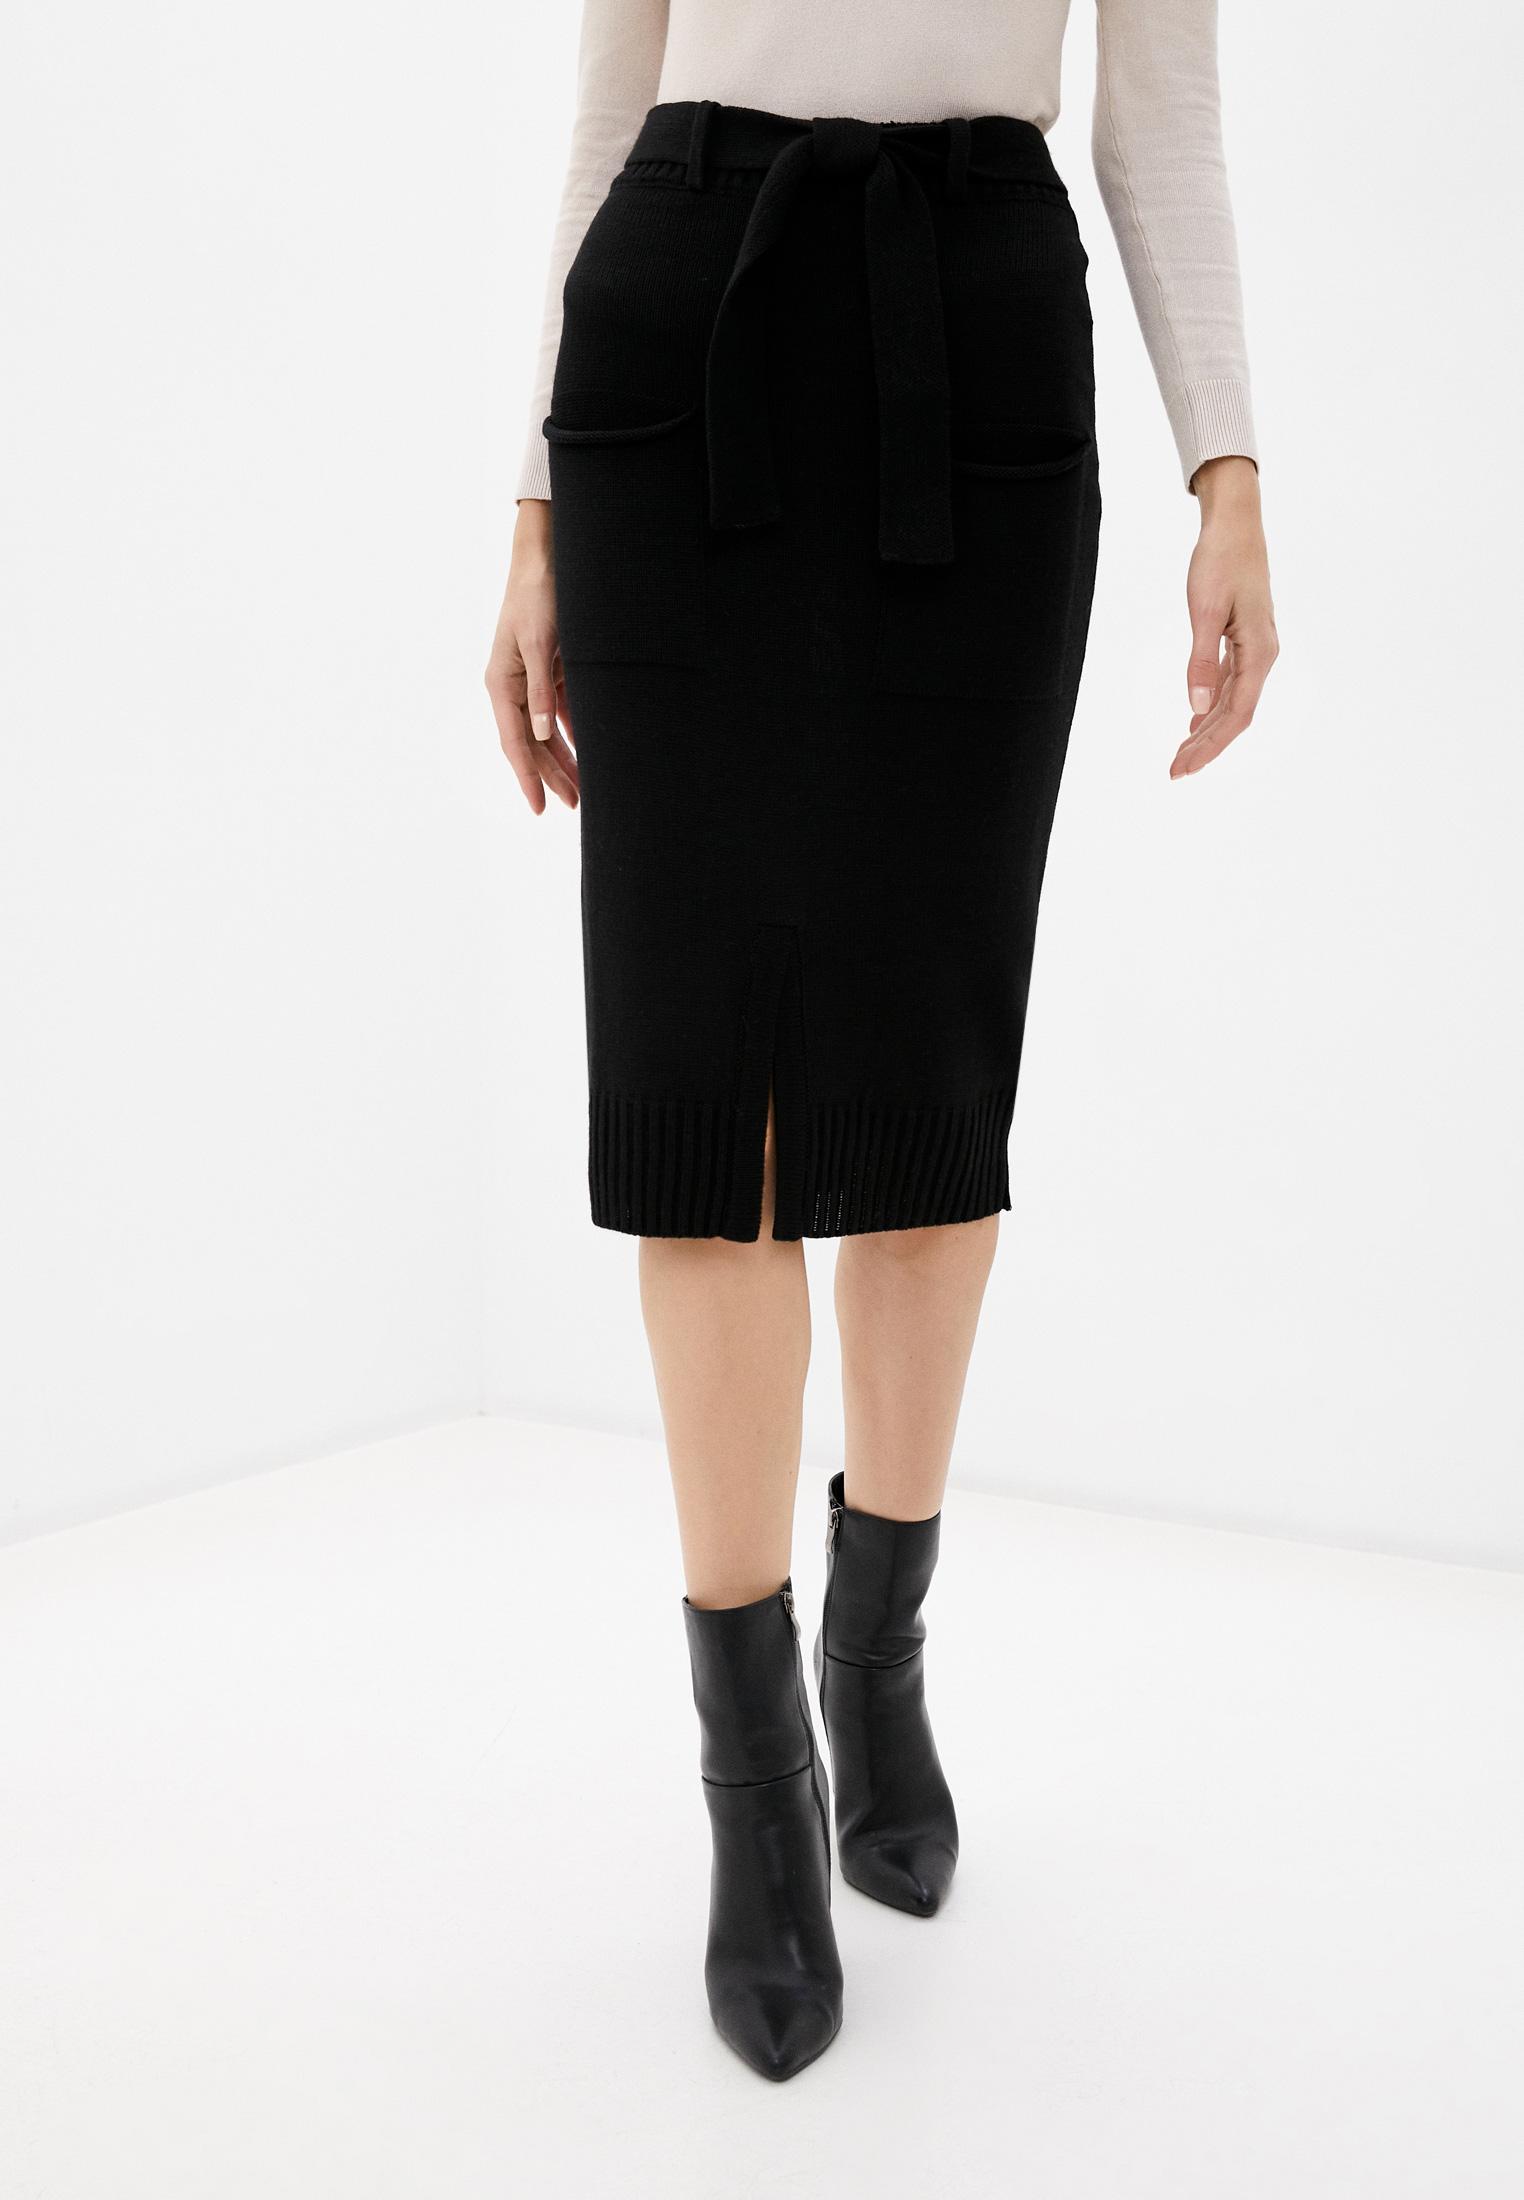 Узкая юбка Marselesa 2153-07